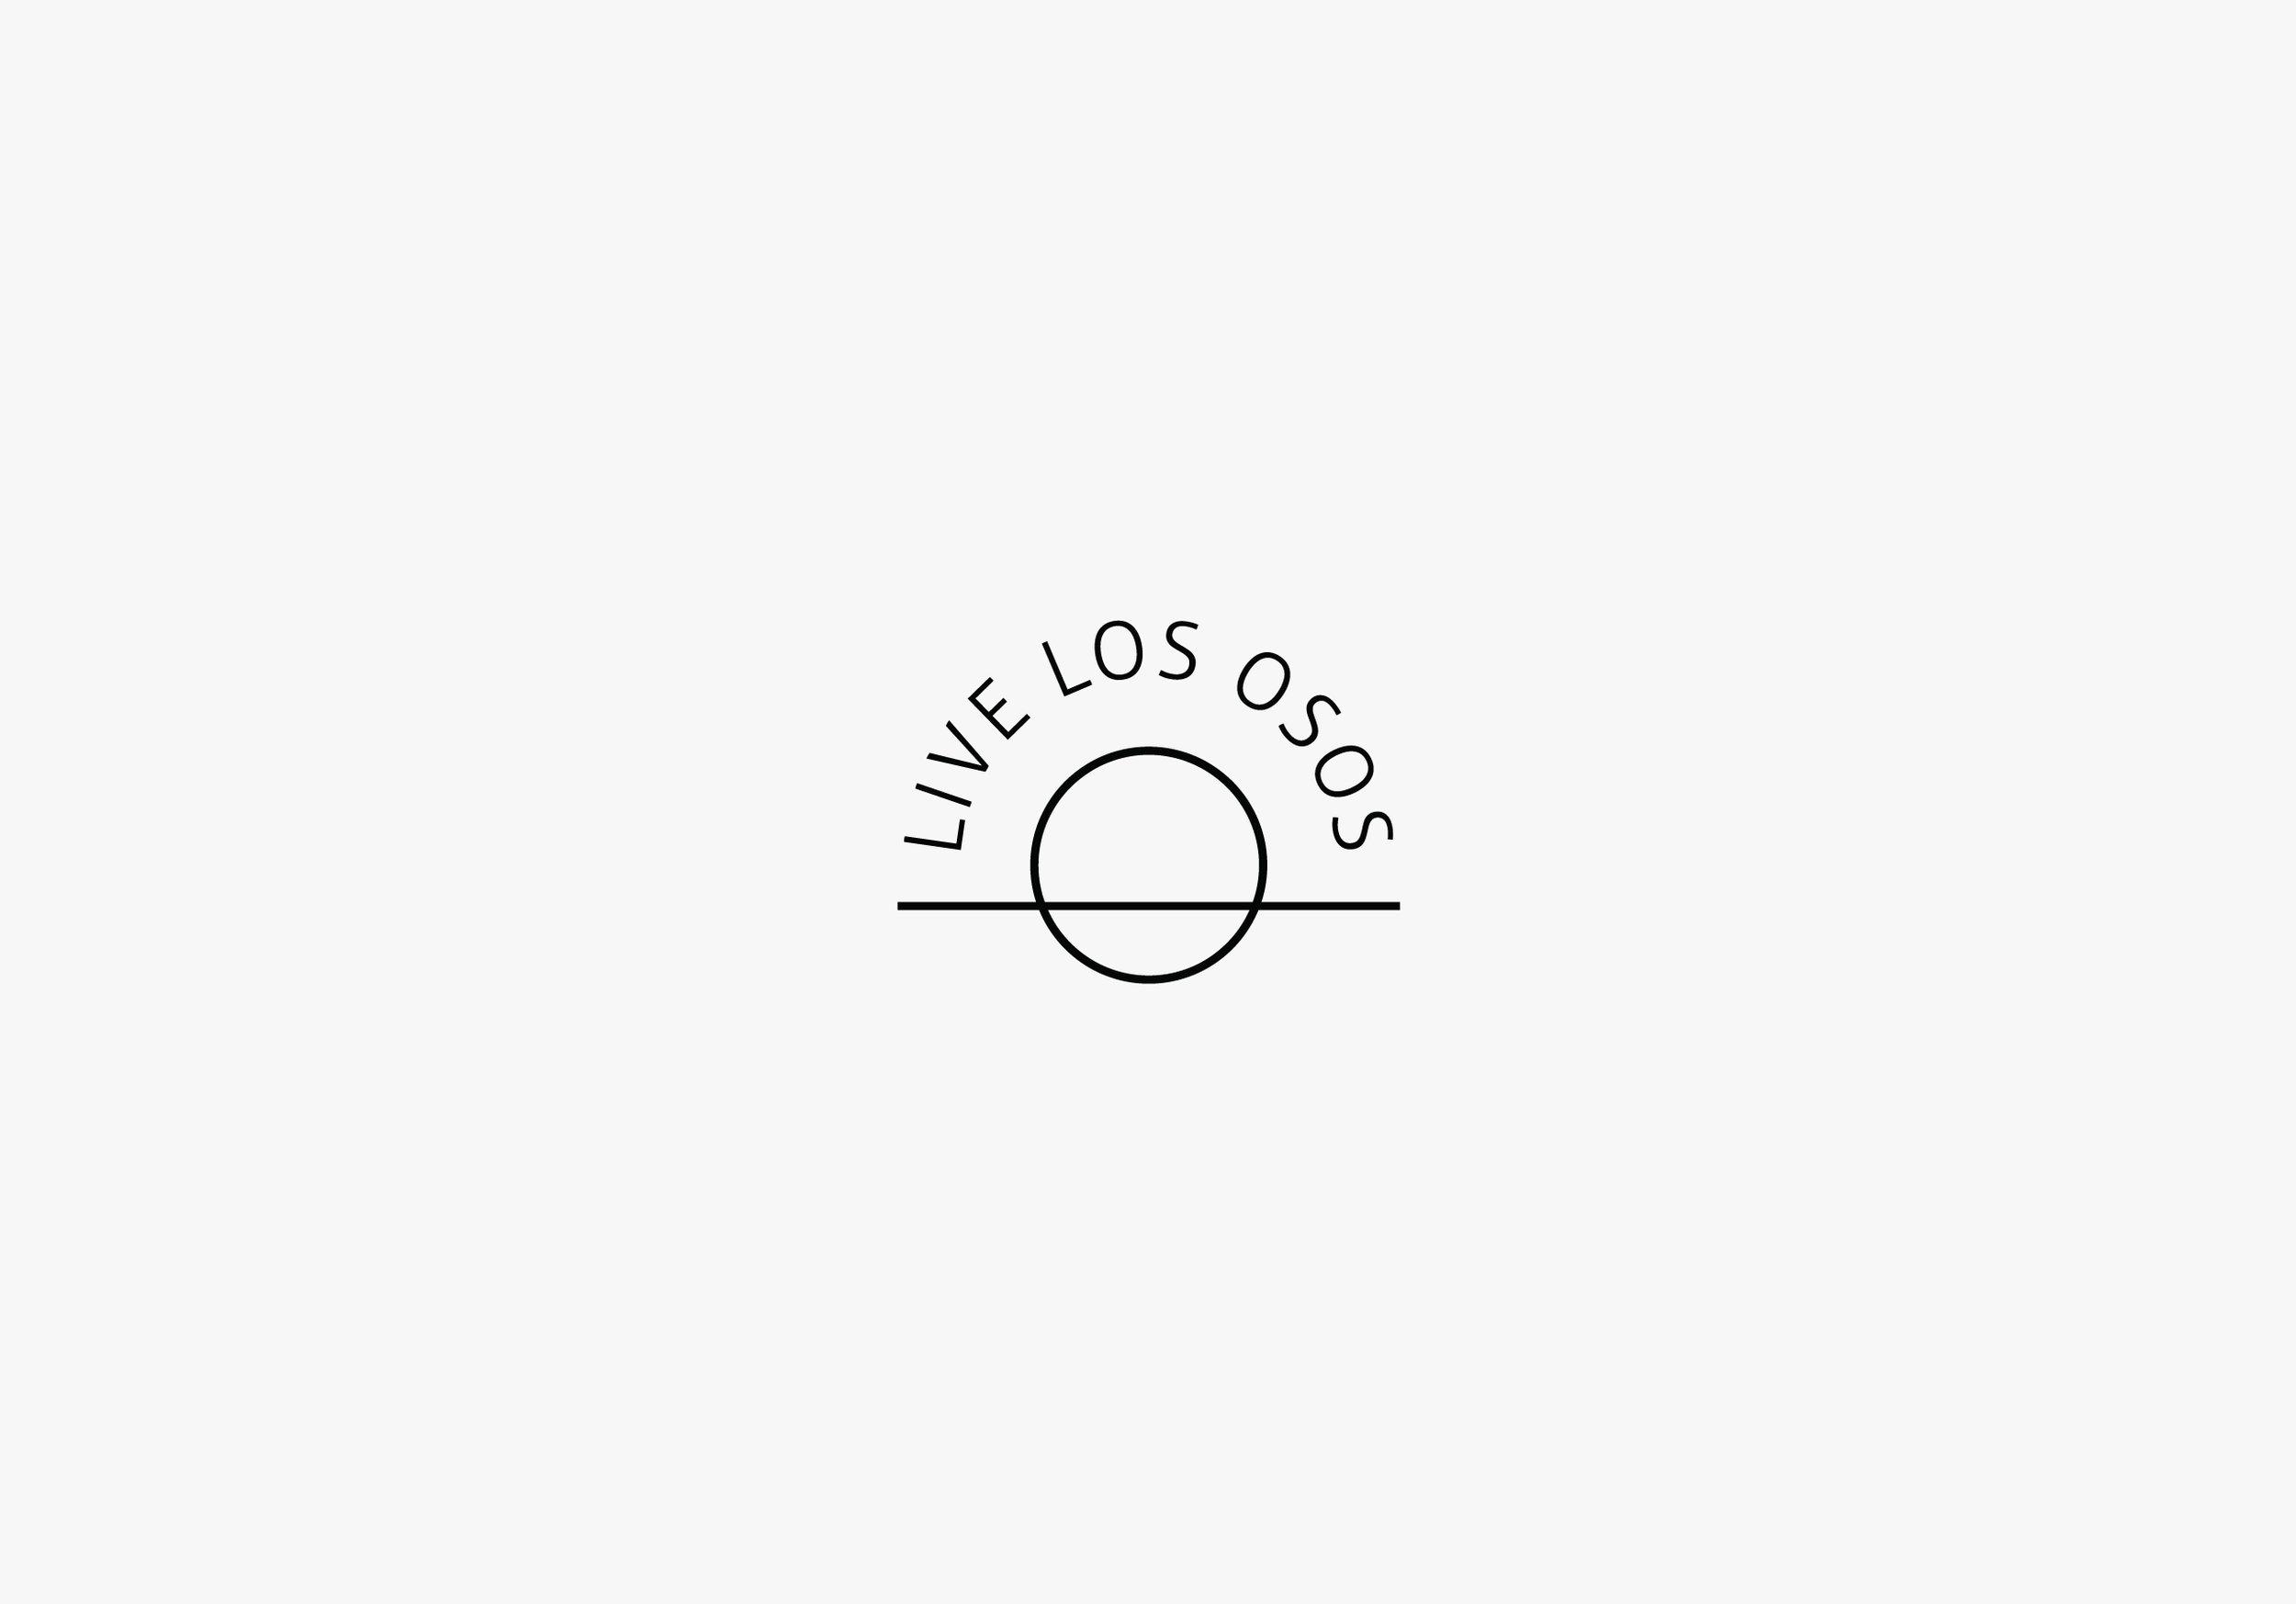 LiveLosOsos-logo-2.jpg